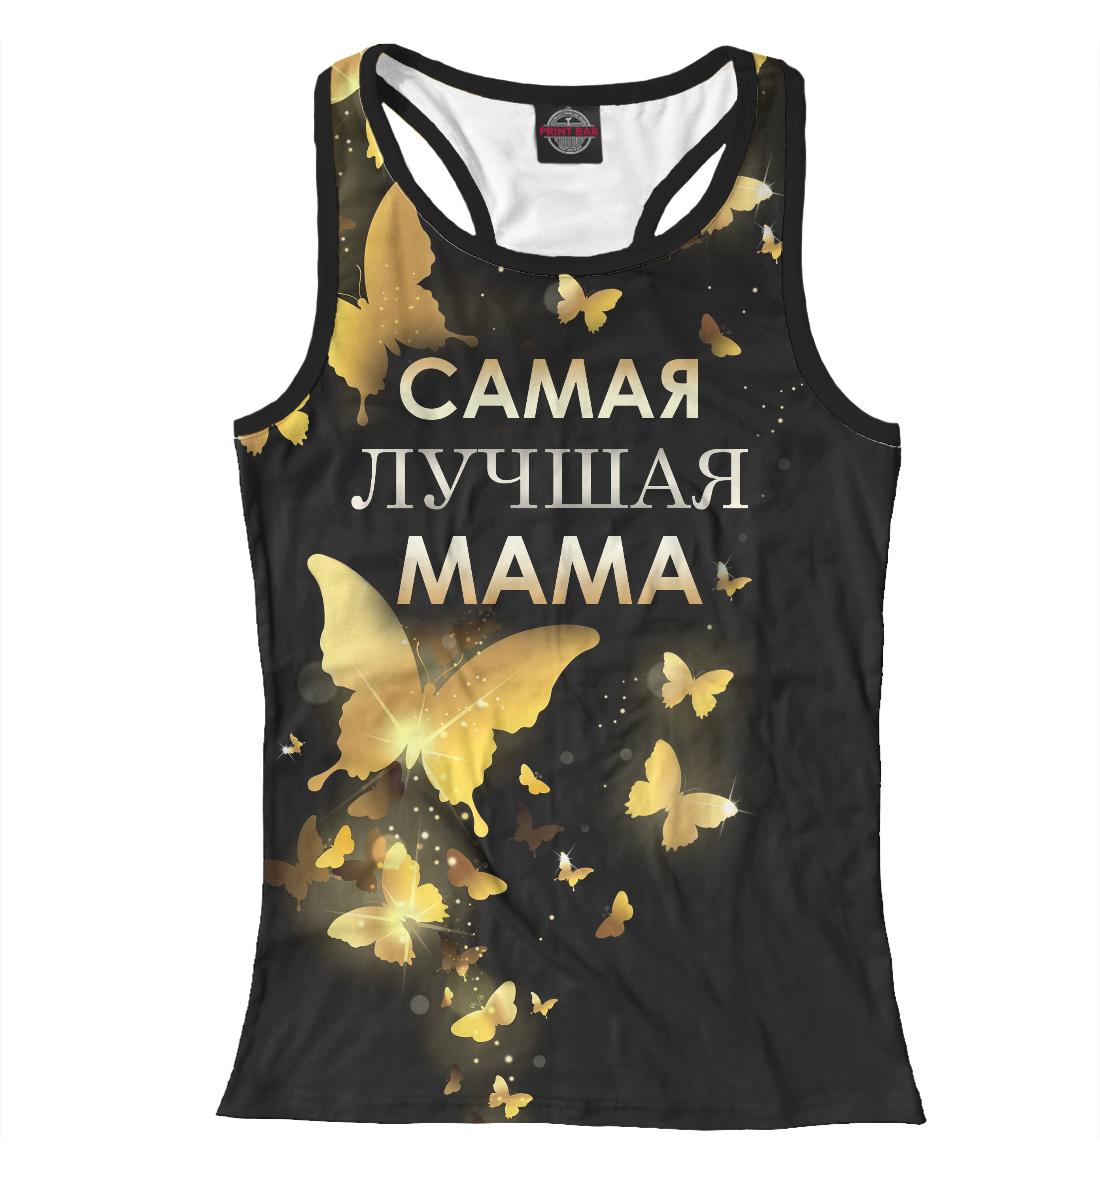 Купить Самая лучшая мама, Printbar, Майки борцовки, MRT-727707-mayb-1